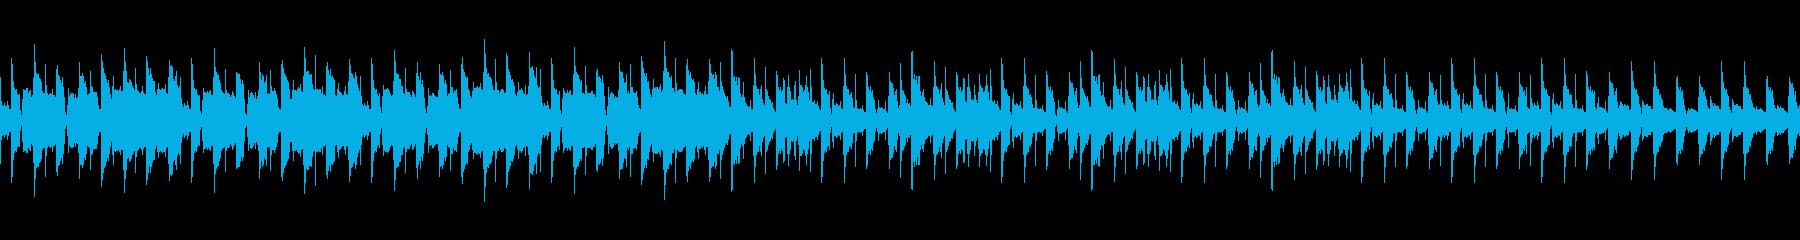 ピアノ、フルート、マリンバのループ曲の再生済みの波形